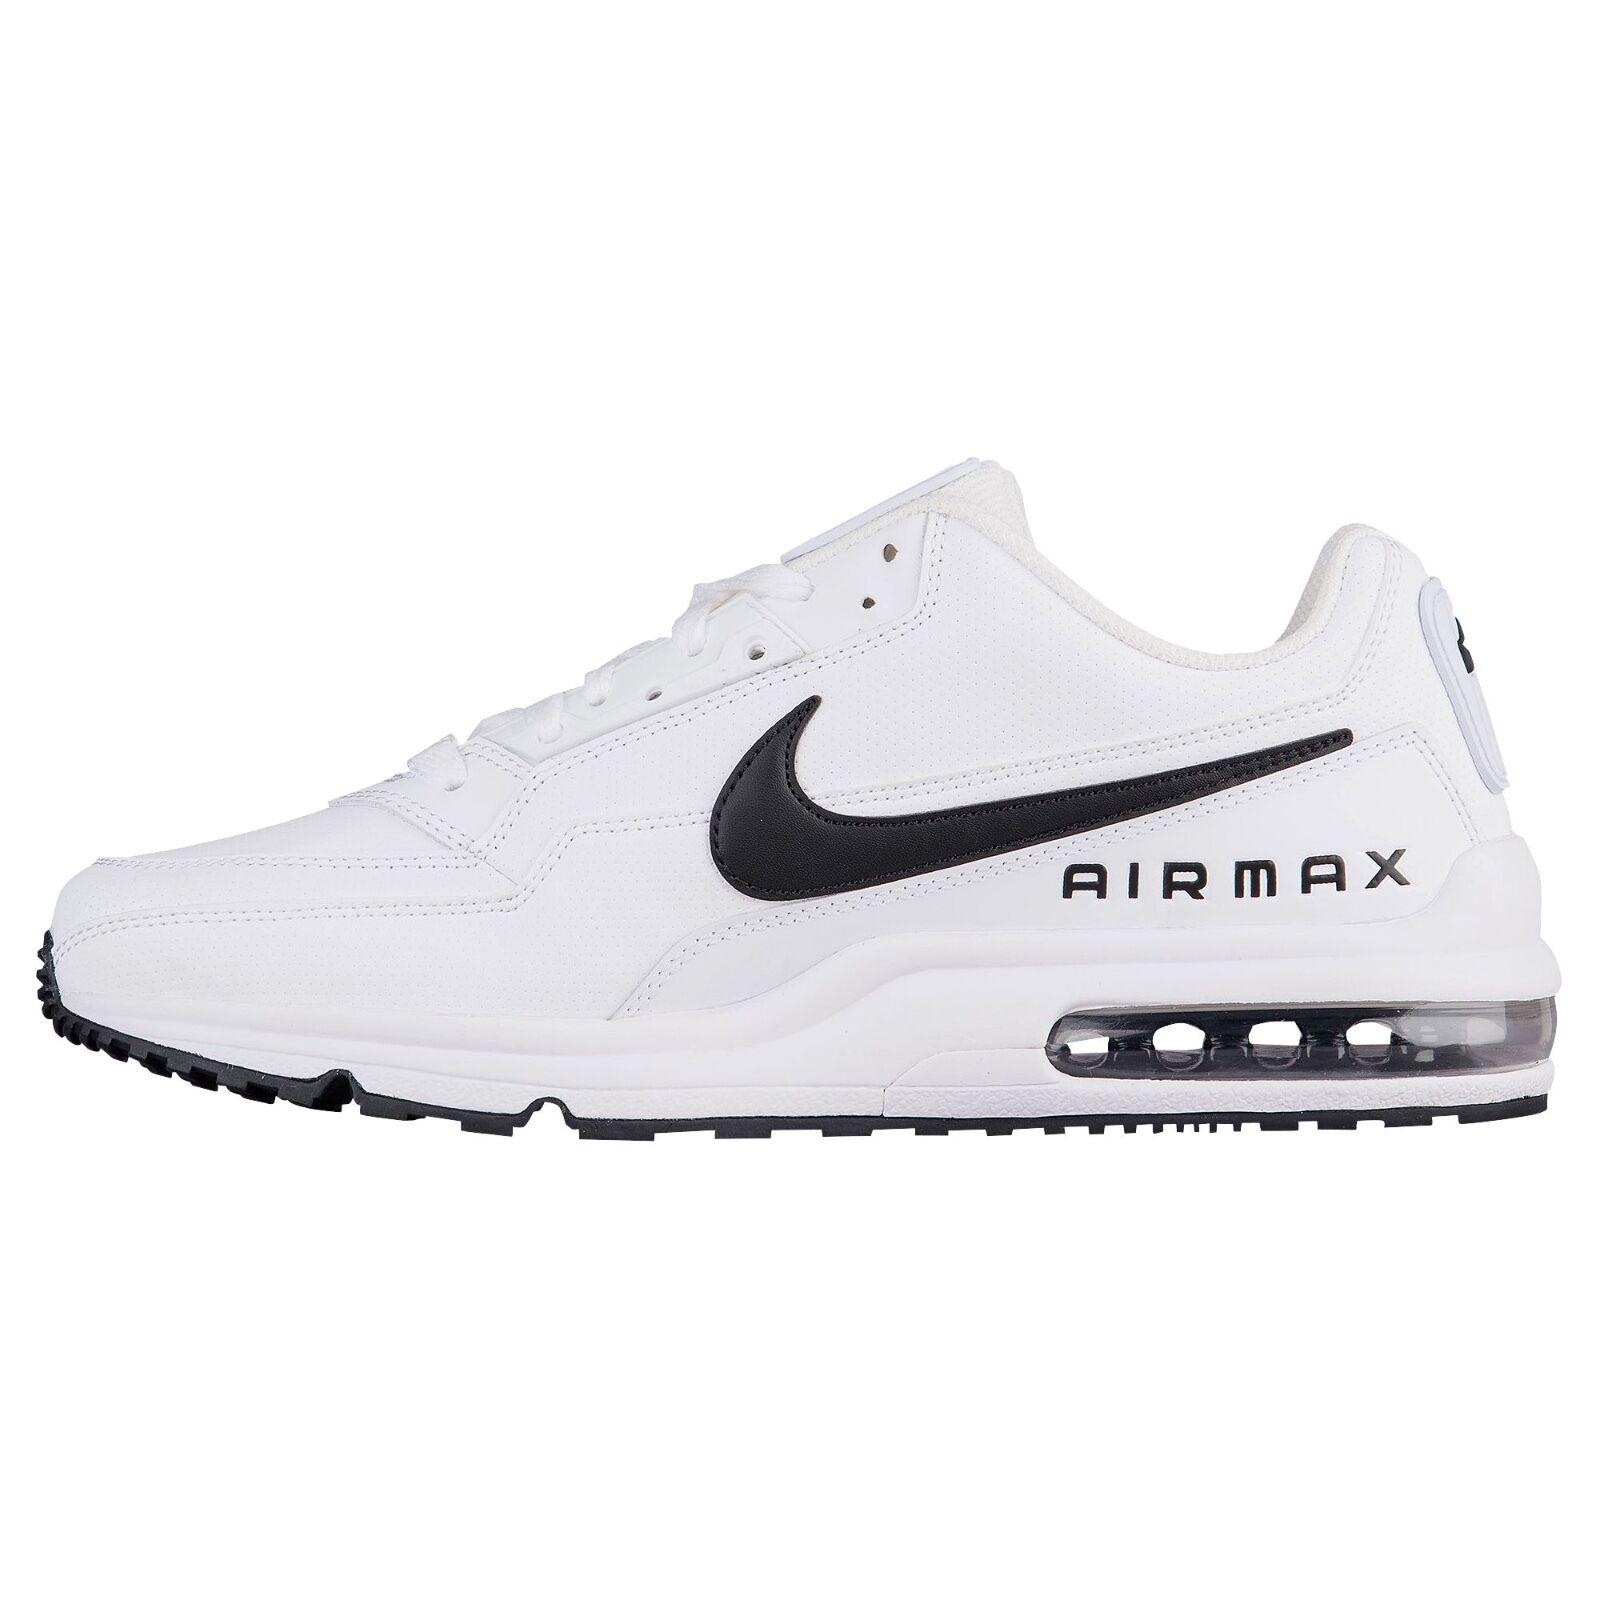 Nike Shox Air Max Ltd 3 Prem Hombre Zapatos cortos  señores running zapato cortos Zapatos todos los tamaños 7f581b